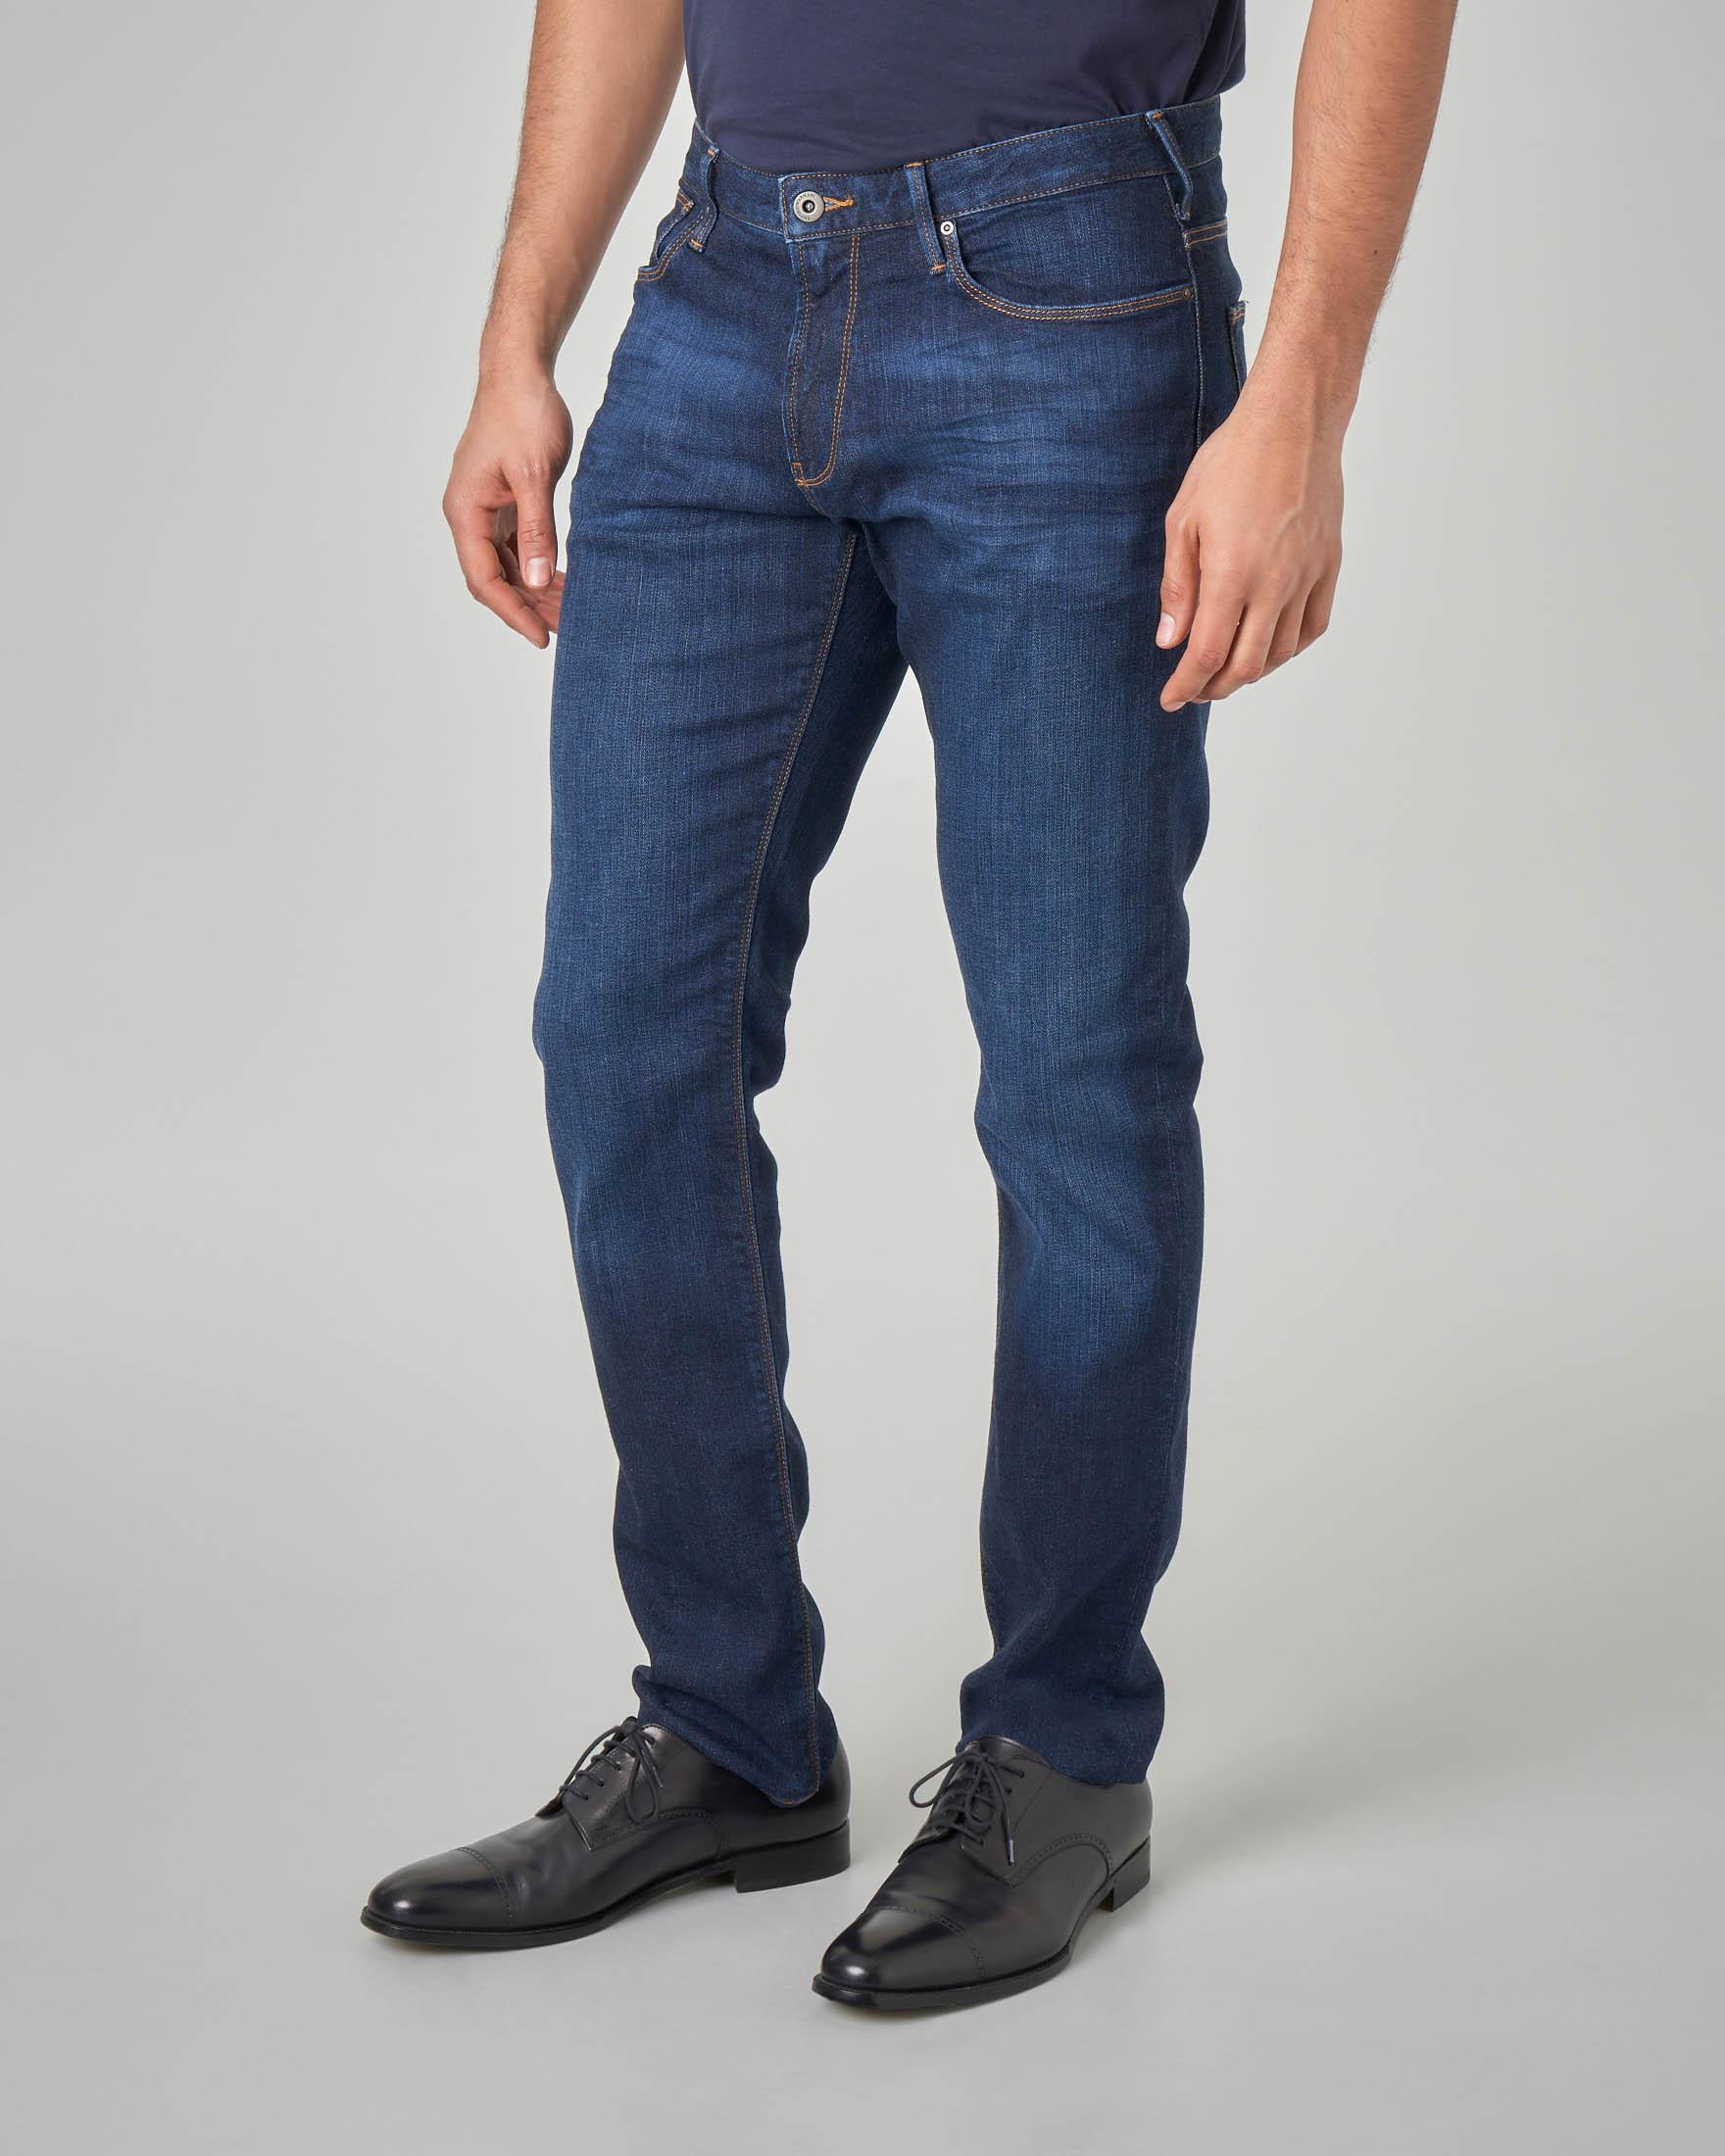 Jeans J06 lavaggio scuro stone wash